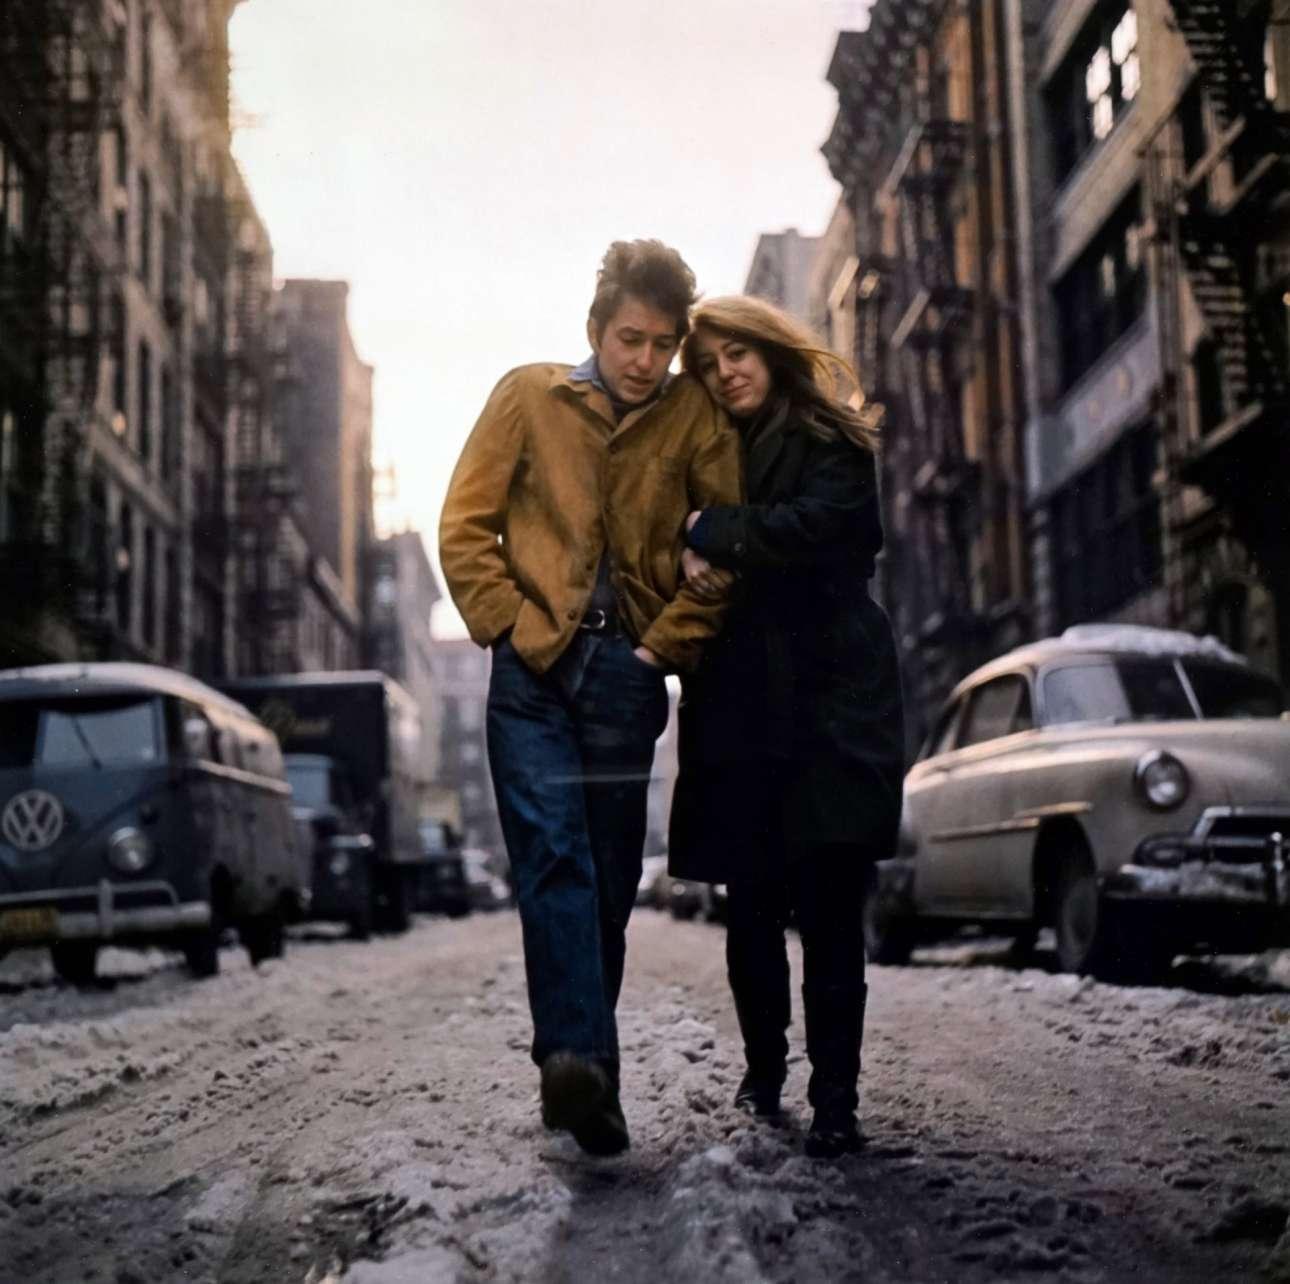 Ο Μπόμπ Ντίλαν με την Σουζ, στη Νέα Υόρκη το 1966. «Λοιπόν, δεν μπορώ να σας πω γιατί το έκανα, αλλά είπα: 'απλά περπατήστε πάνω και κάτω στον δρόμο'. Ηταν αργά το απόγευμα - μπορείτε να δείτε ότι ο ήλιος ήταν χαμηλά πίσω τους. Πρέπει να ήταν αρκετά άβολα εκεί έξω στο λασπωμένο χιόνι» διηγείται ο φωτογράφος Ντον Χανστάιν